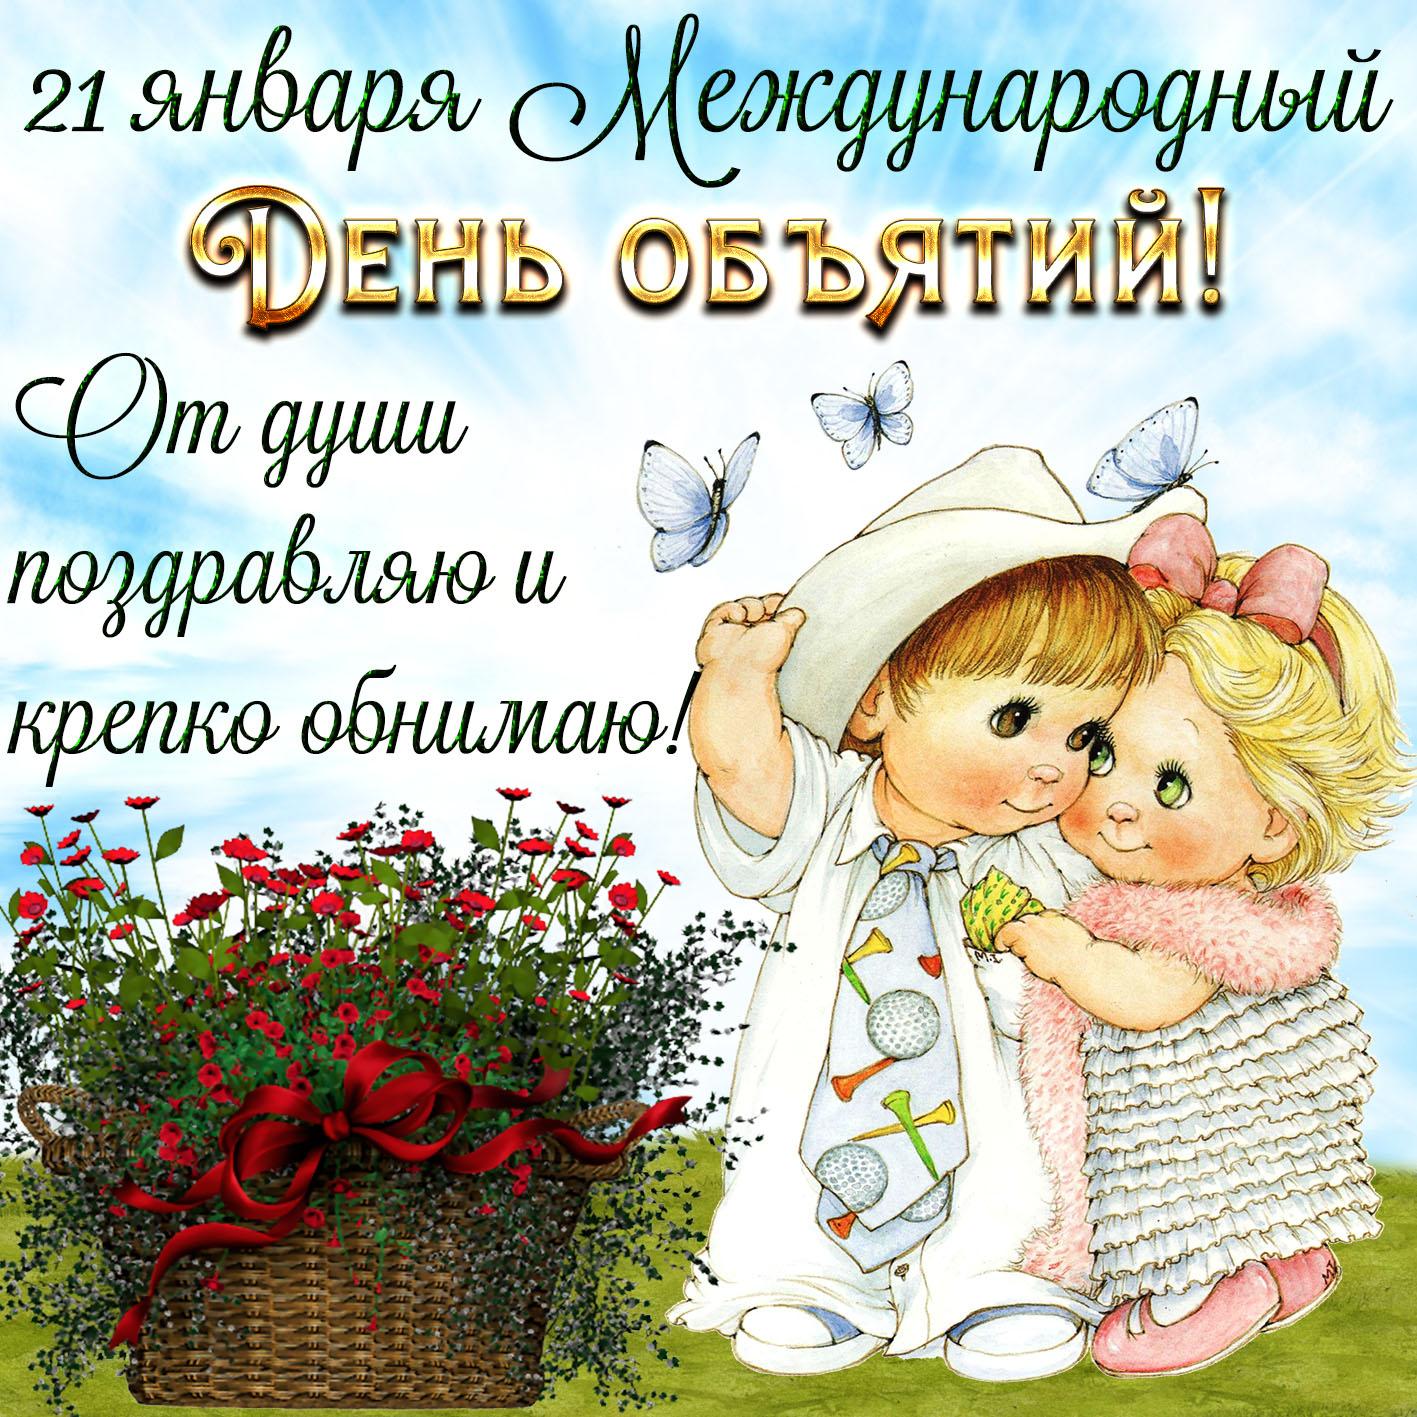 Открытка на День объятий - мальчик с девочкой и корзина цветочков